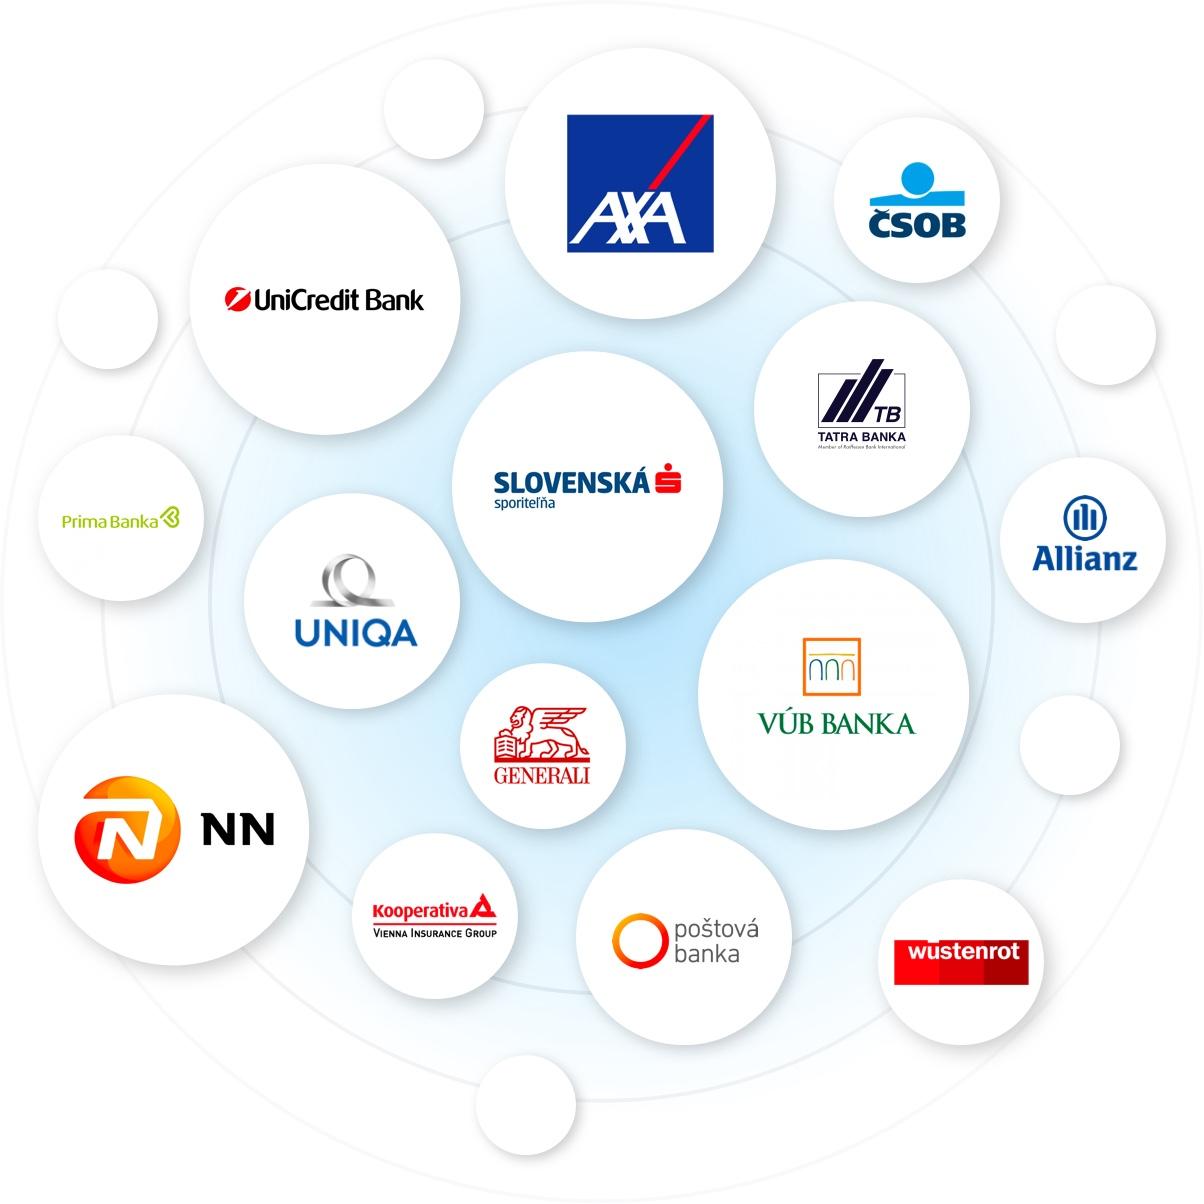 Spolupracujeme so všetkými významnými finančnými inštitúciami